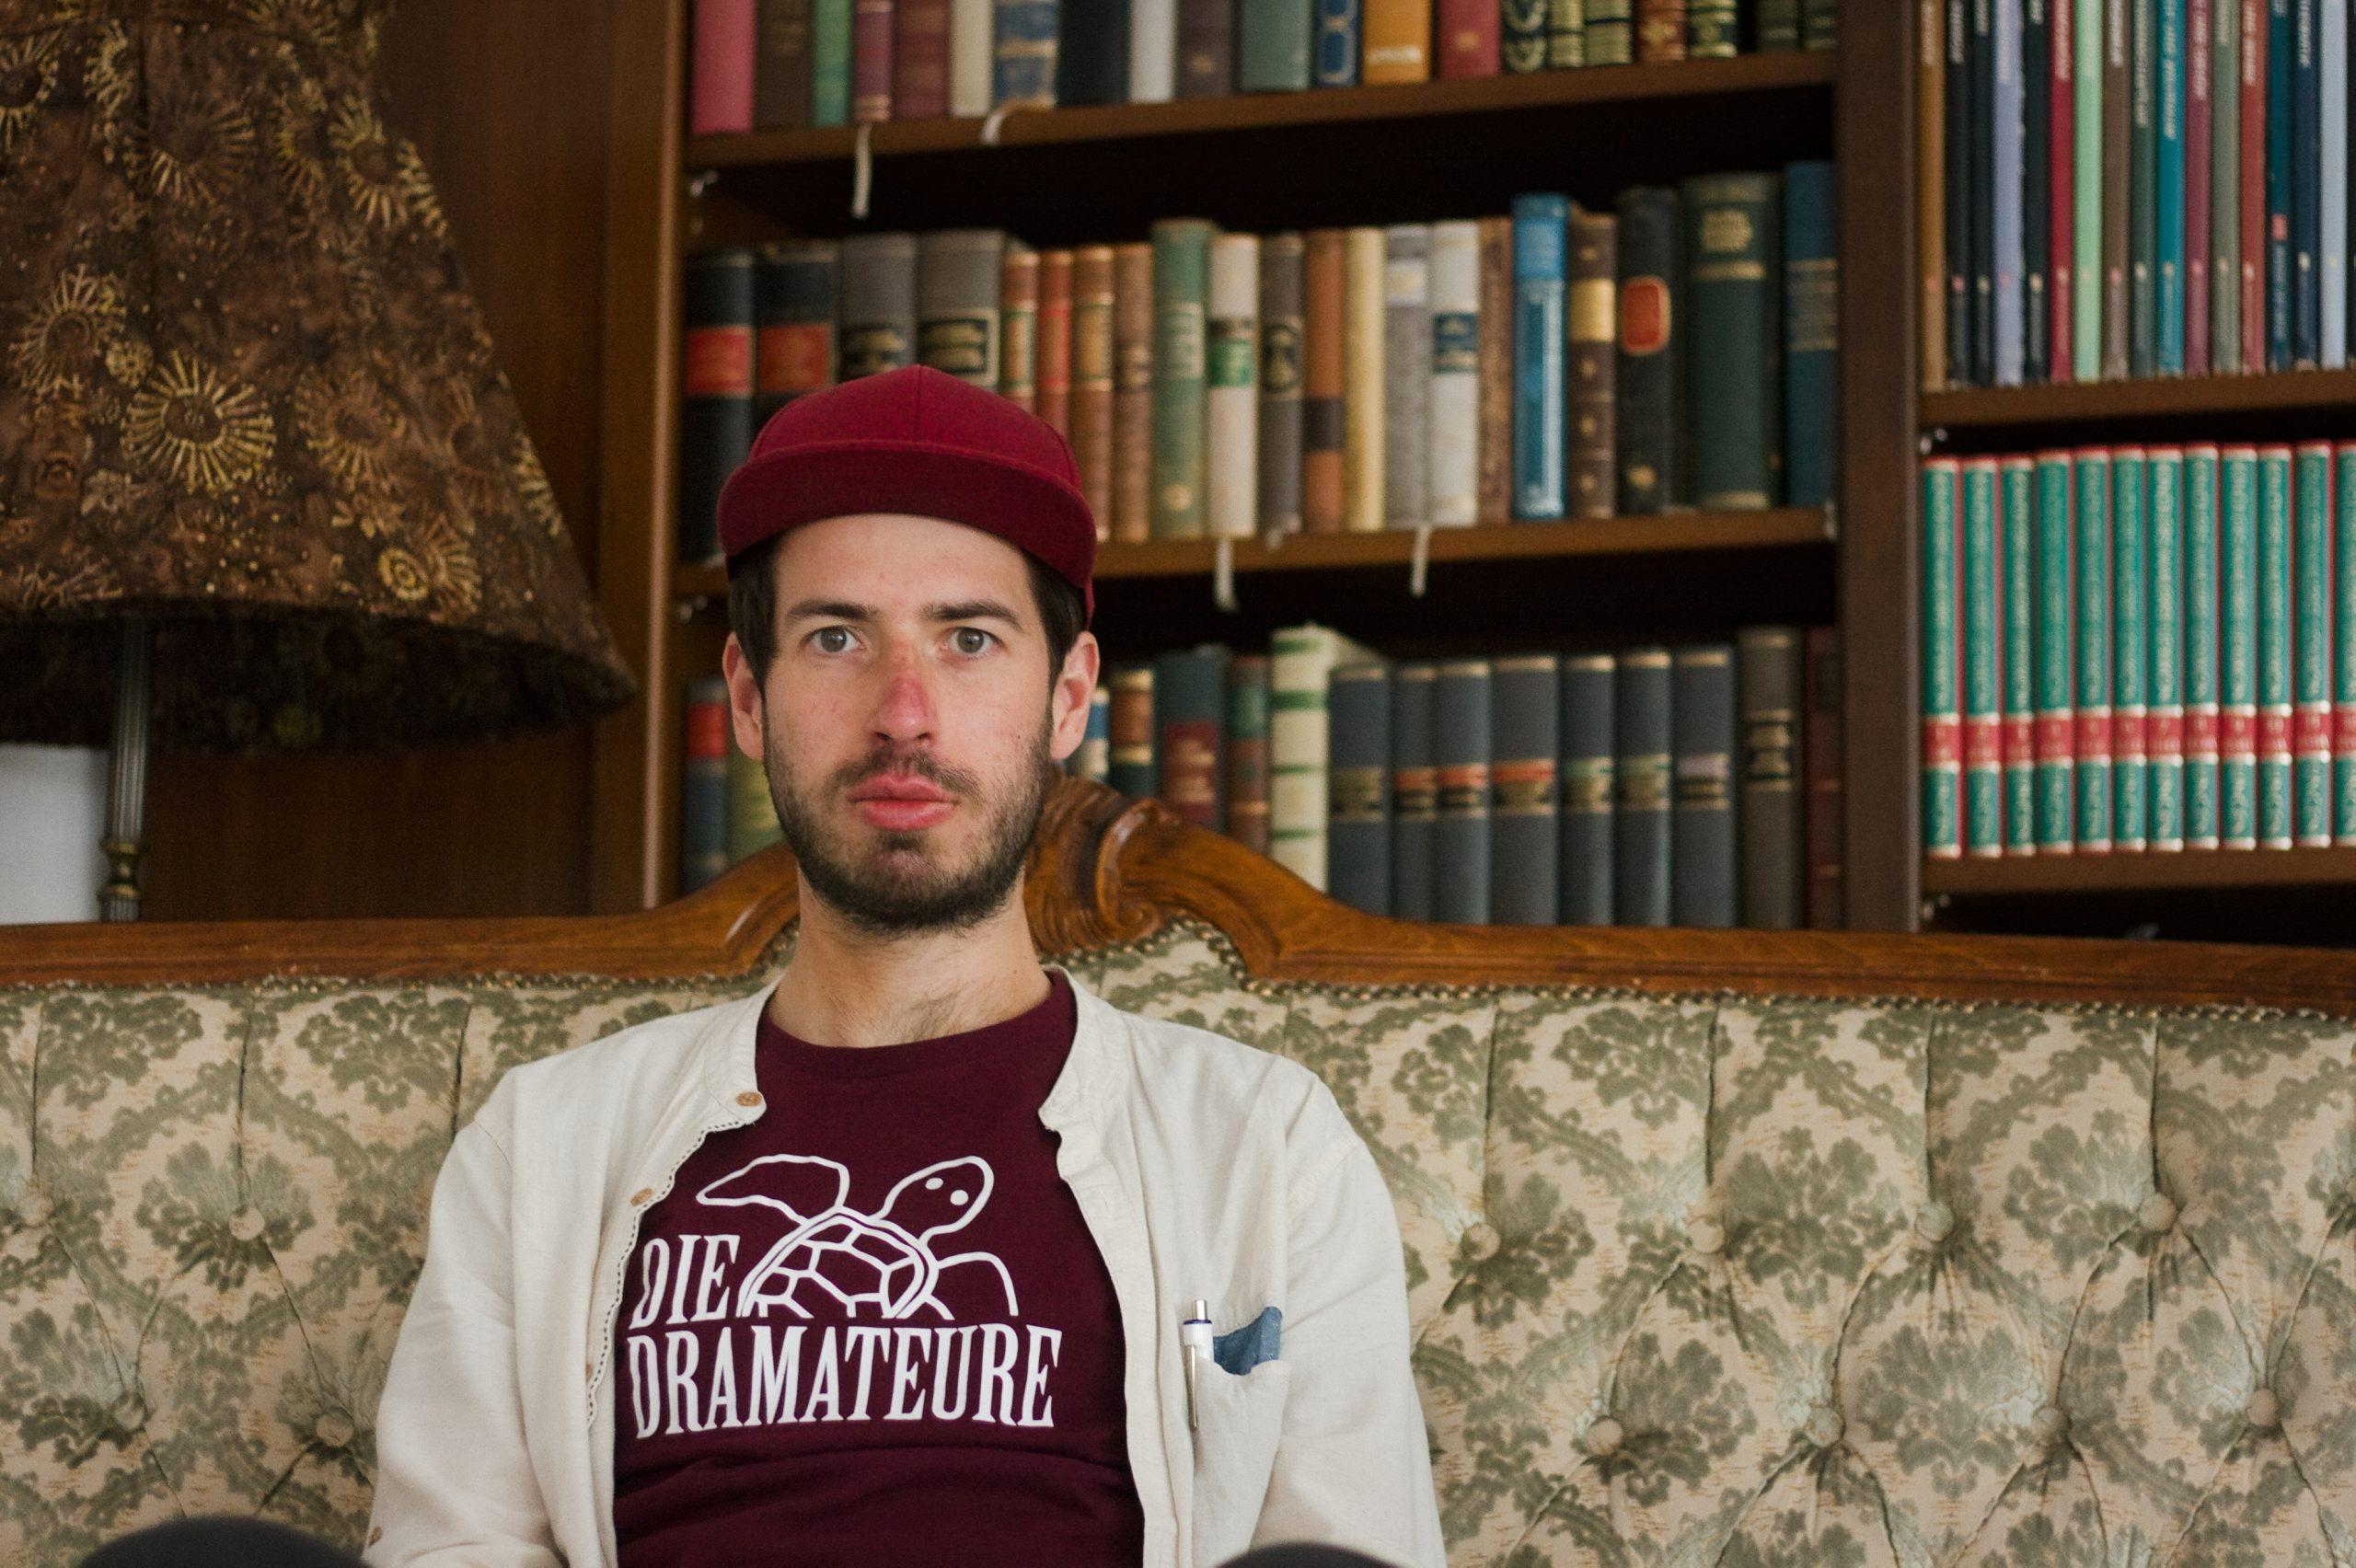 Marcel auf dem Sofa